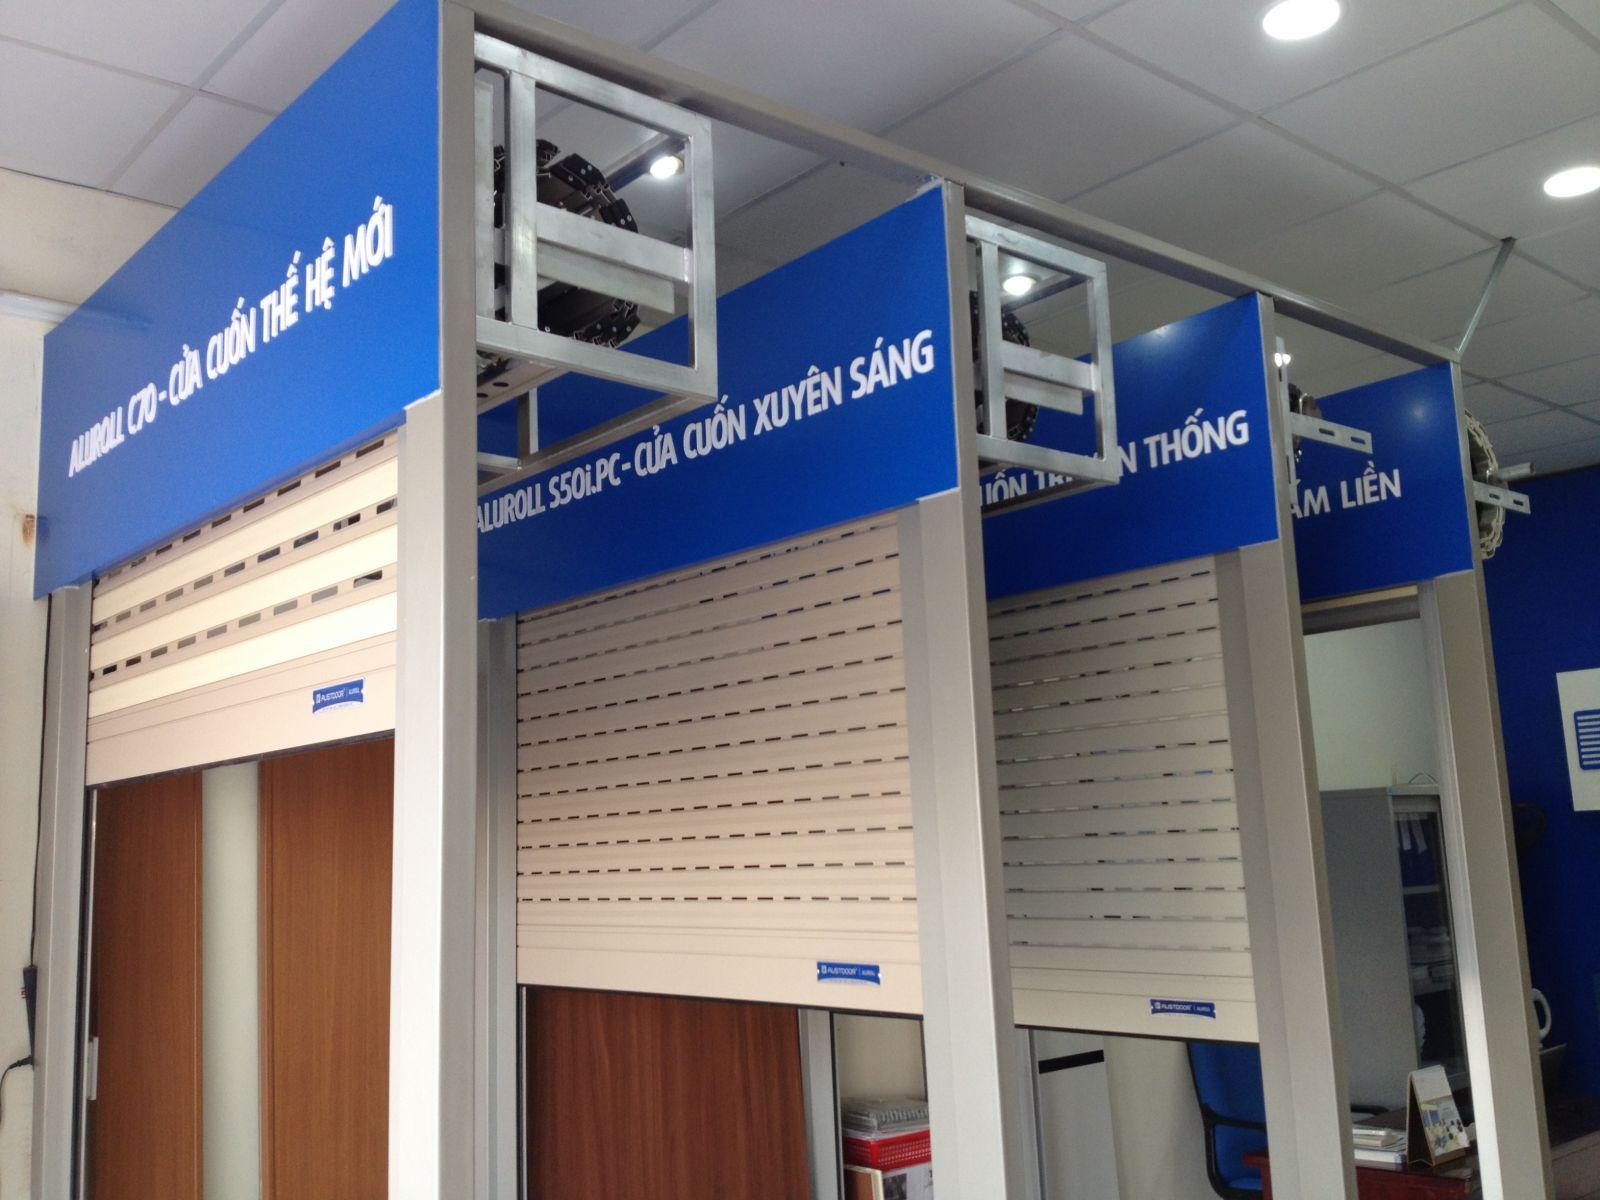 Các dòng sản phẩm mới nhất của thương hiệu cửa cuốn Austdoor